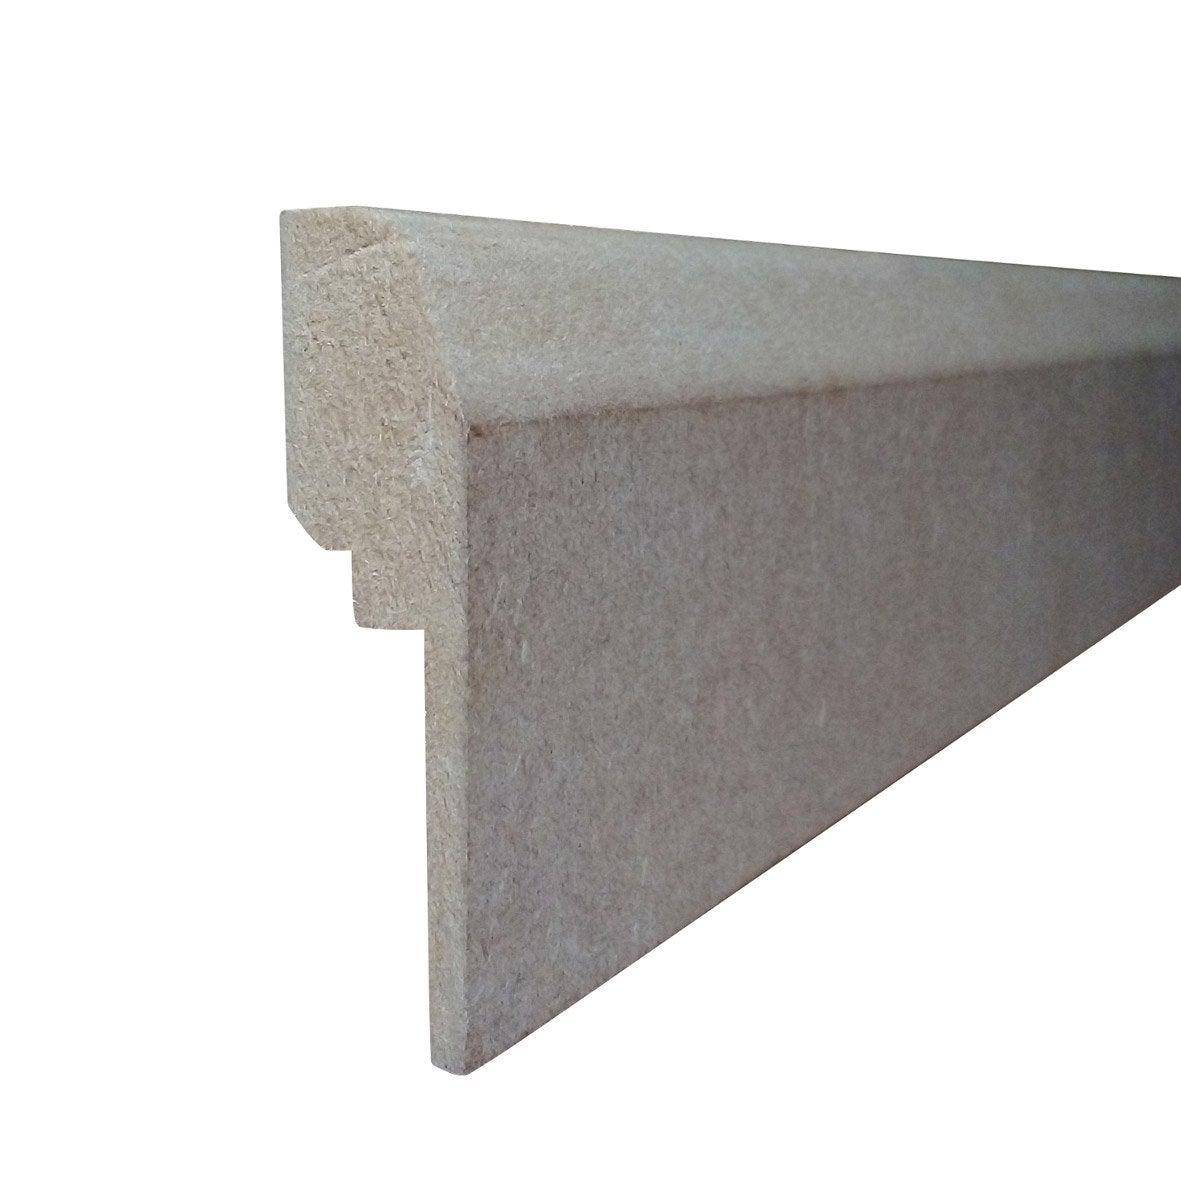 Goulotte Pour Plafond plinthe plaqué chêne réno pour goulotte electrique, h.20 x l.2.44 m x ep.70  mm